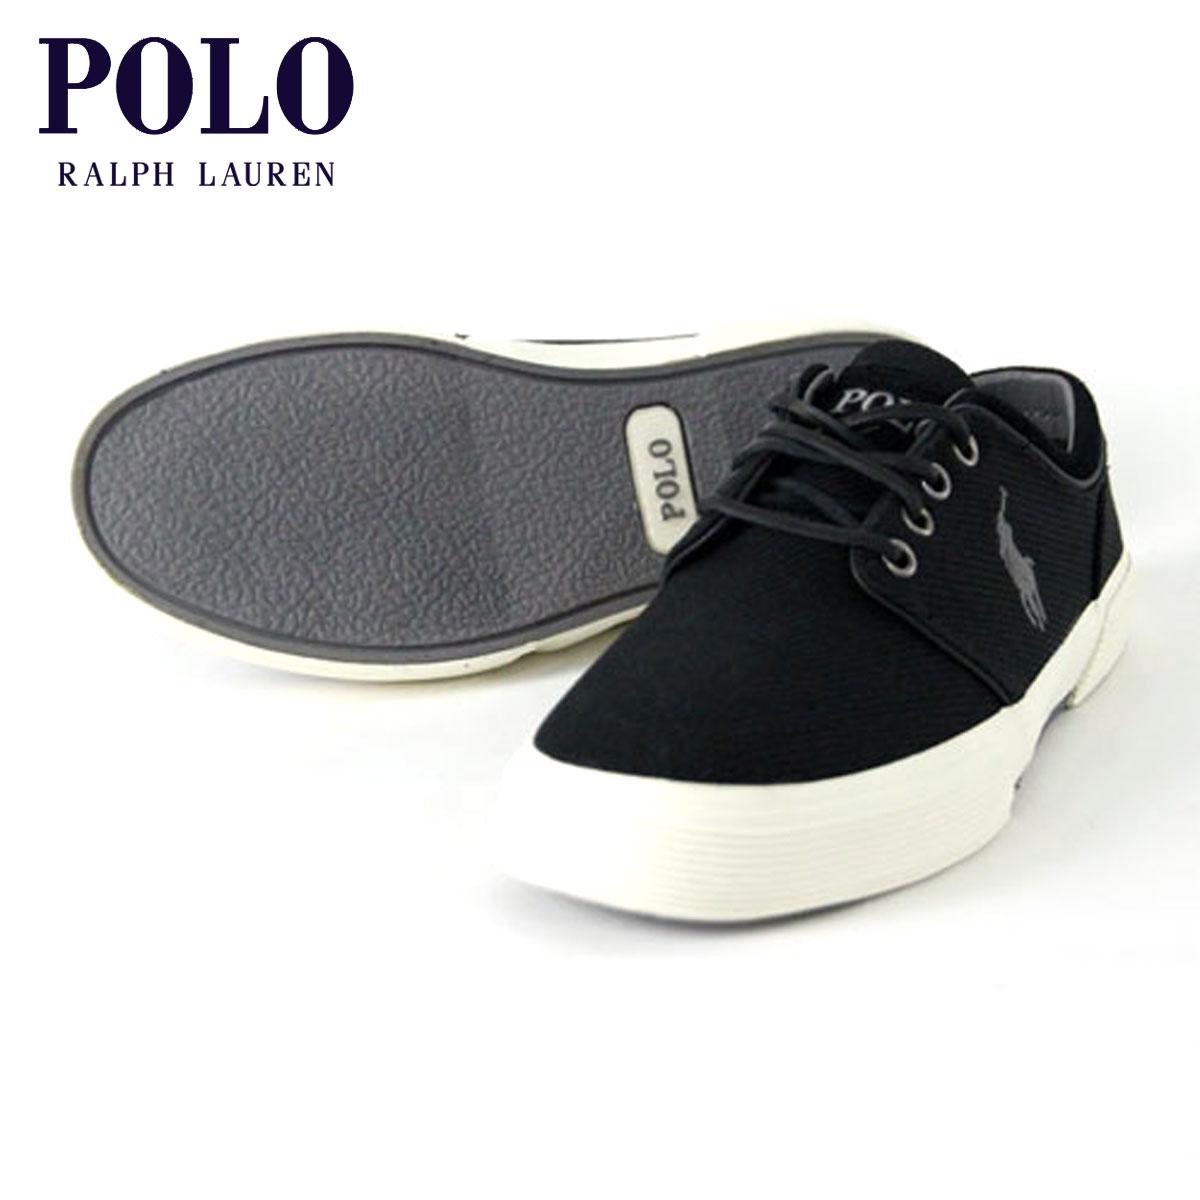 ポロ ラルフローレン POLO RALPH LAUREN 正規品 メンズ 靴 シューズ TWILL FAXON LOW SNEAKER